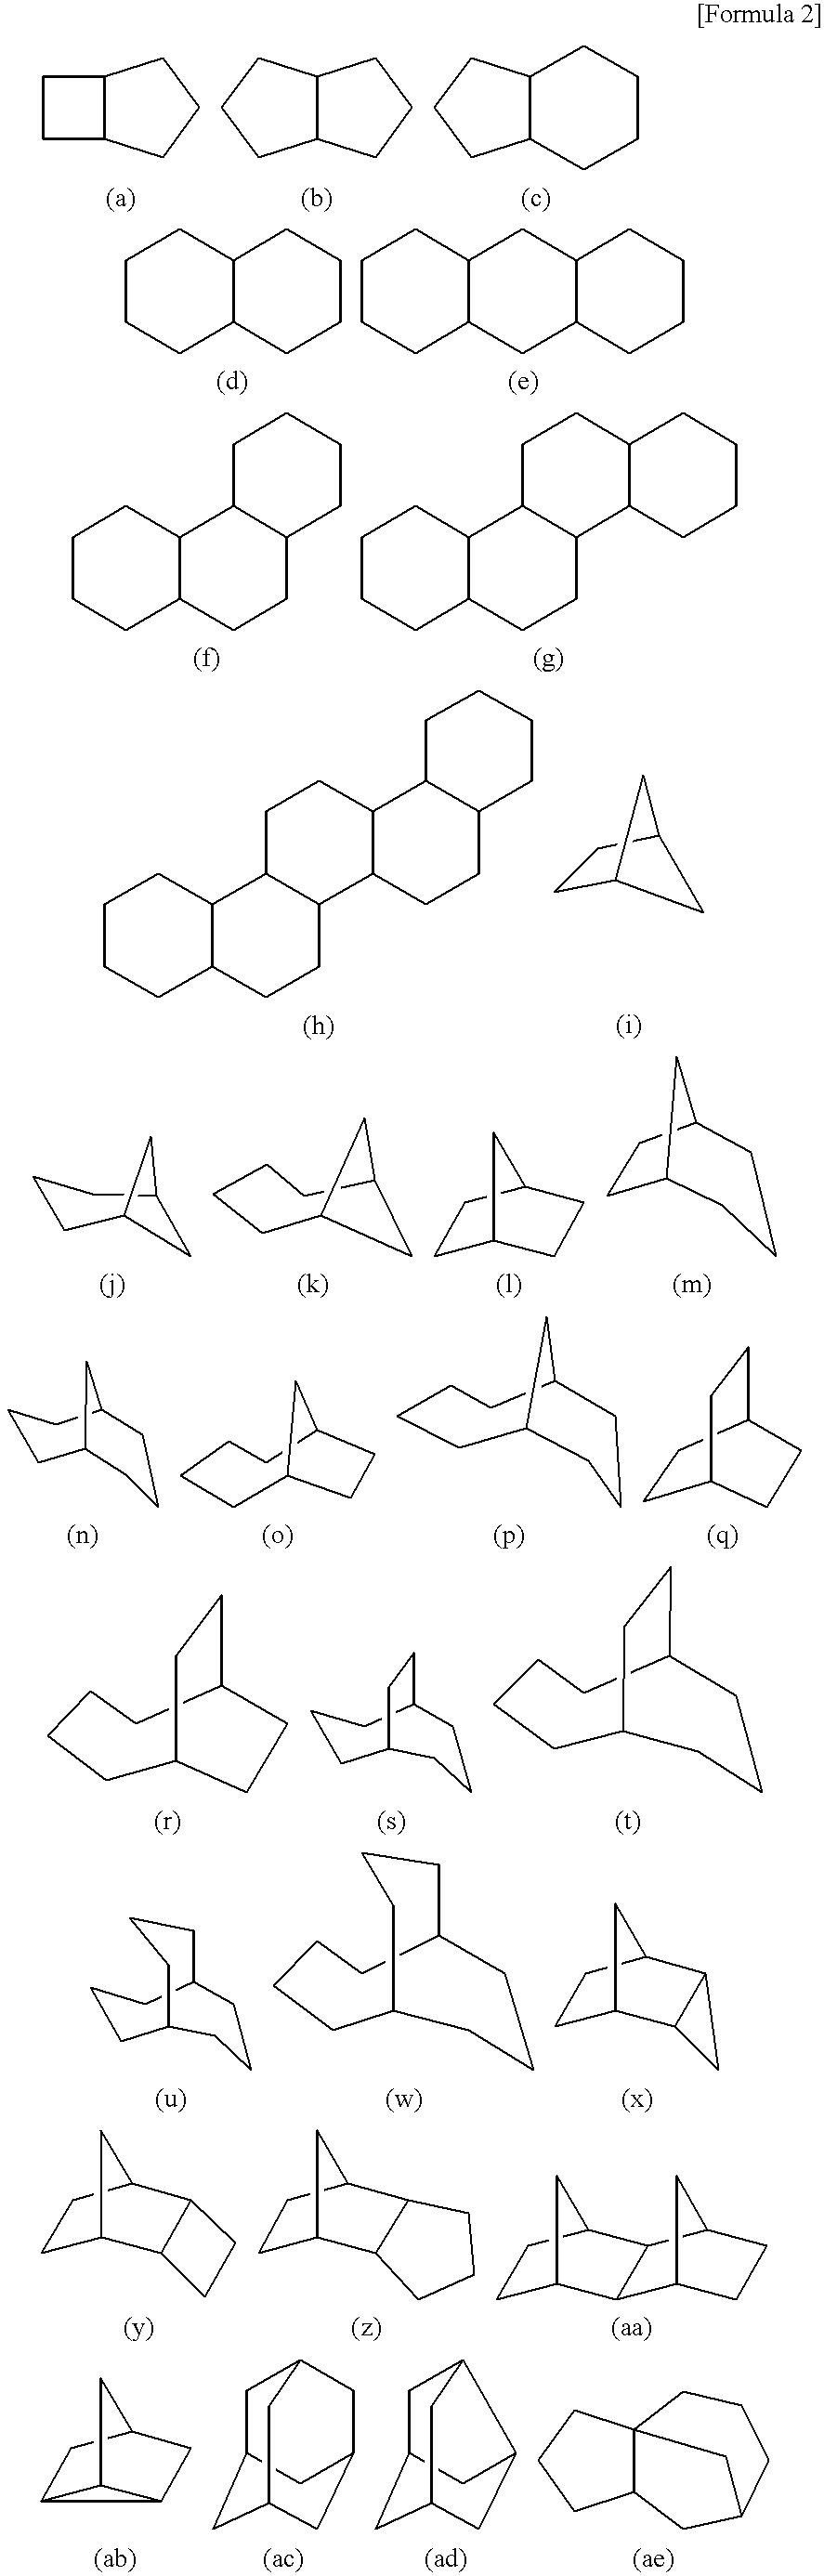 Figure US06225019-20010501-C00003